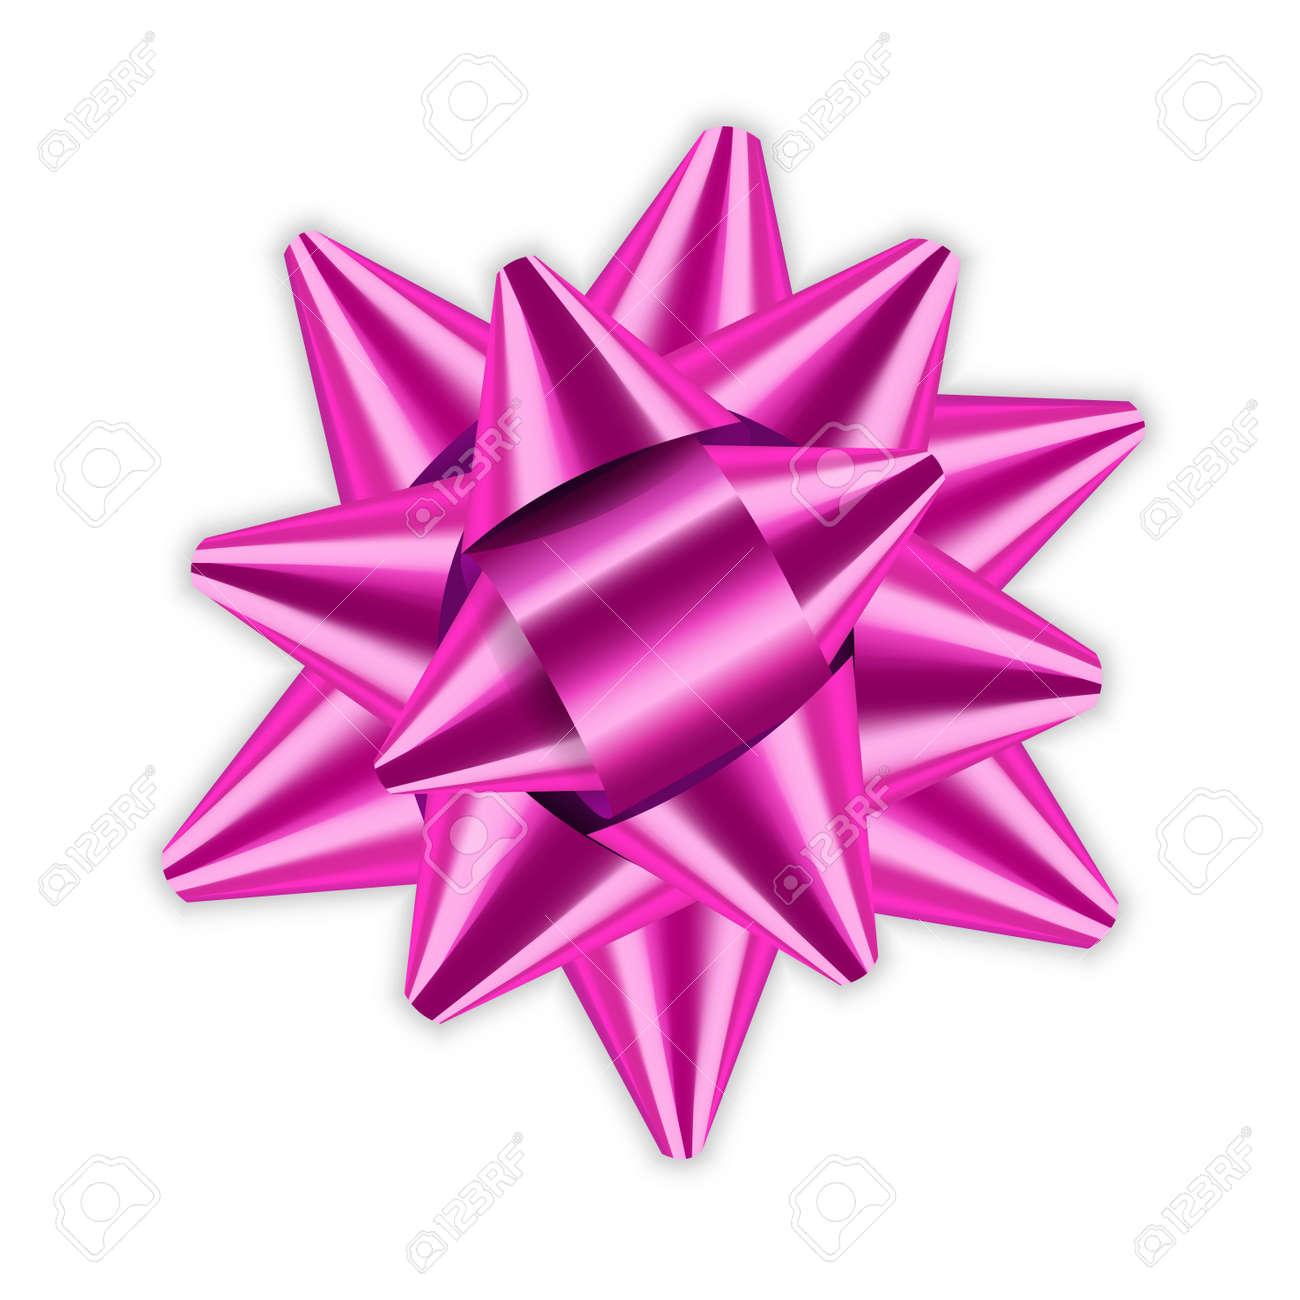 060fe02a66862 Paquete De Elemento De Decoración De Cinta De Lazo De Color Rosa Regalo De  Regalo De Decoración De Satén De Color Brillante